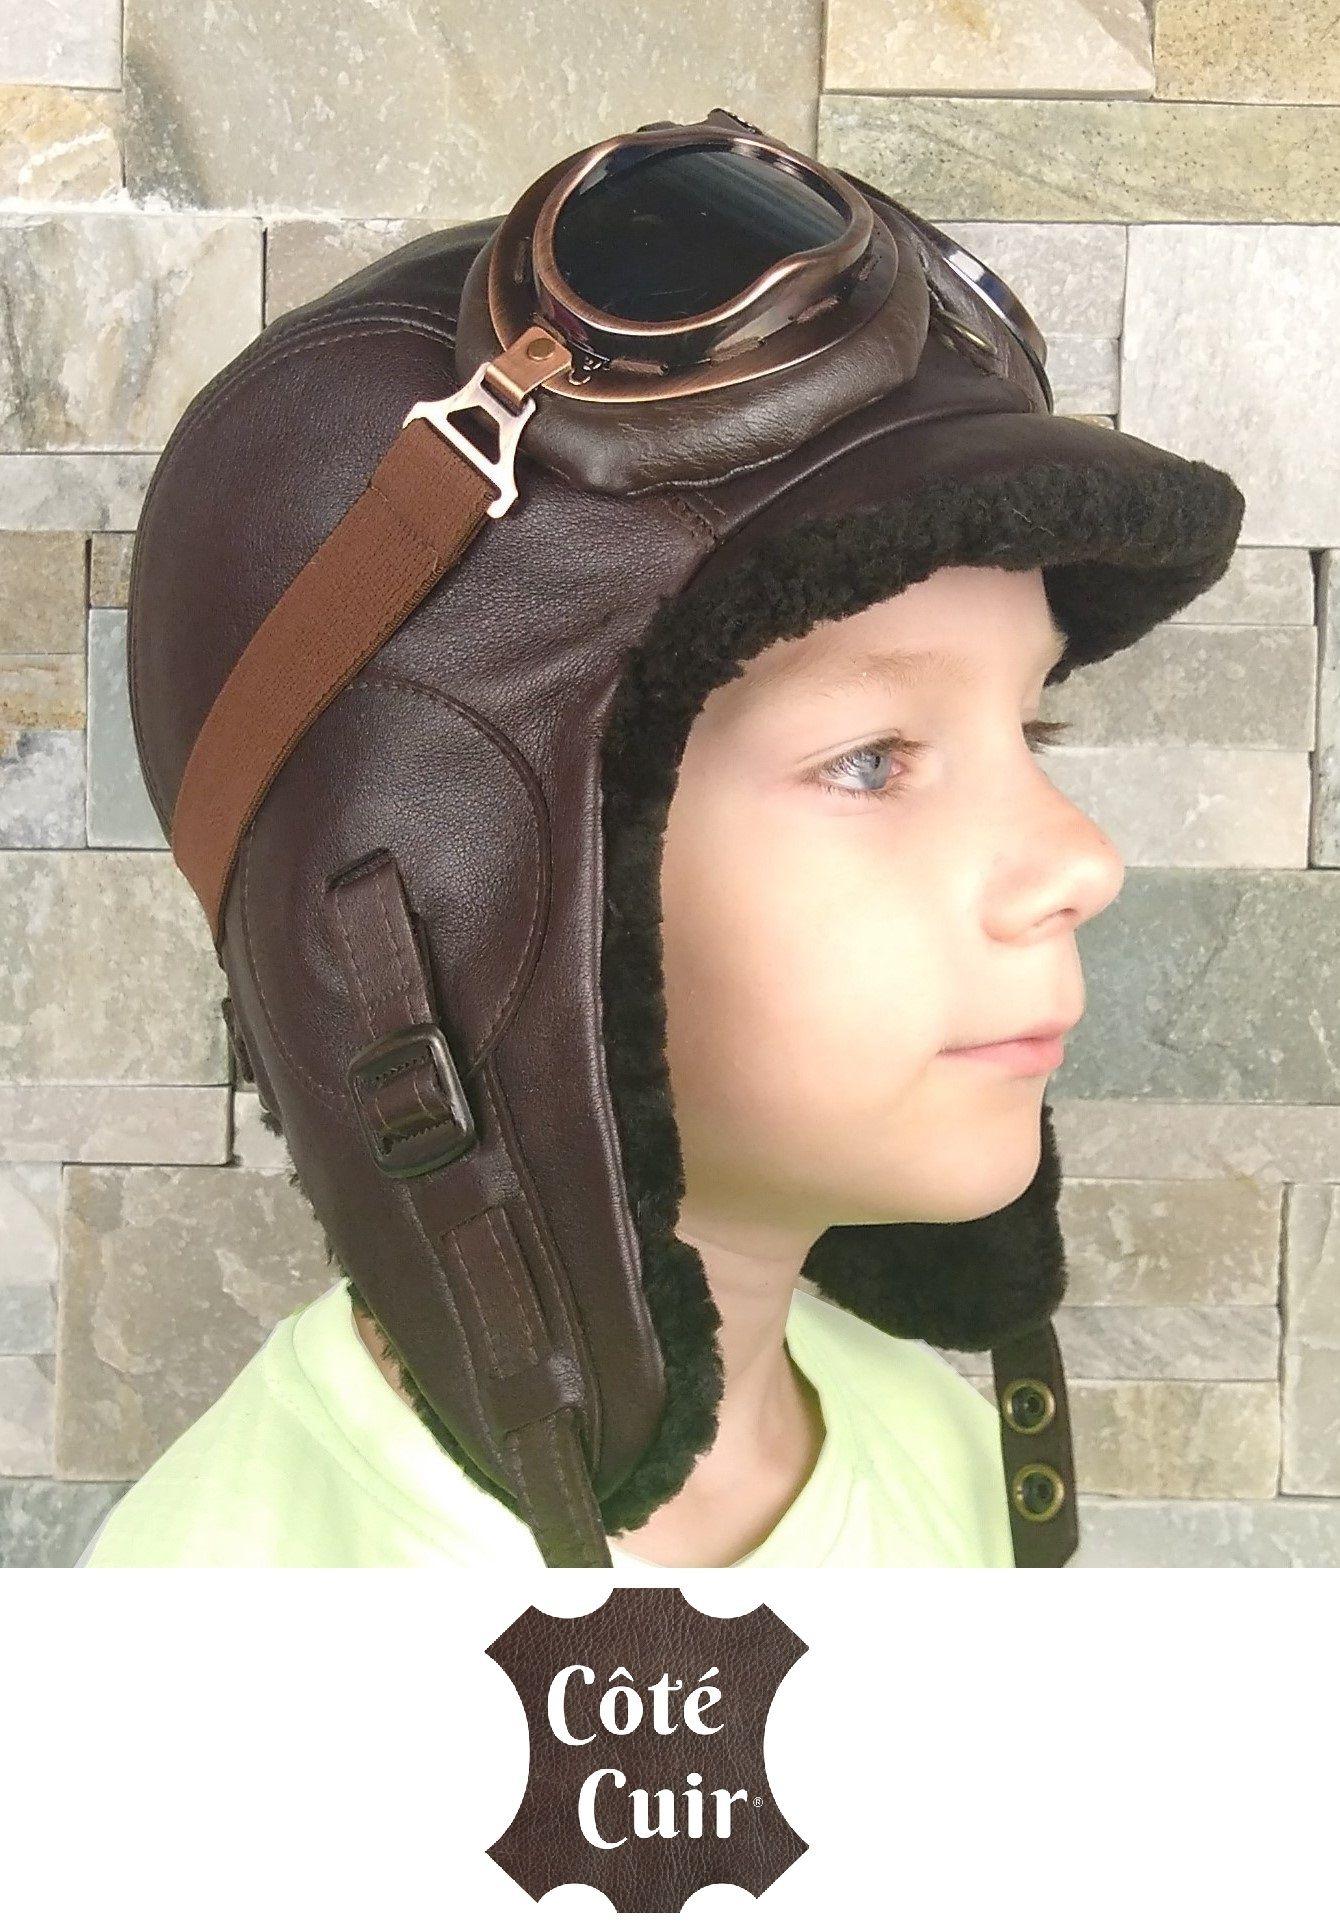 677c10d4a9a16 Kids aviator costume